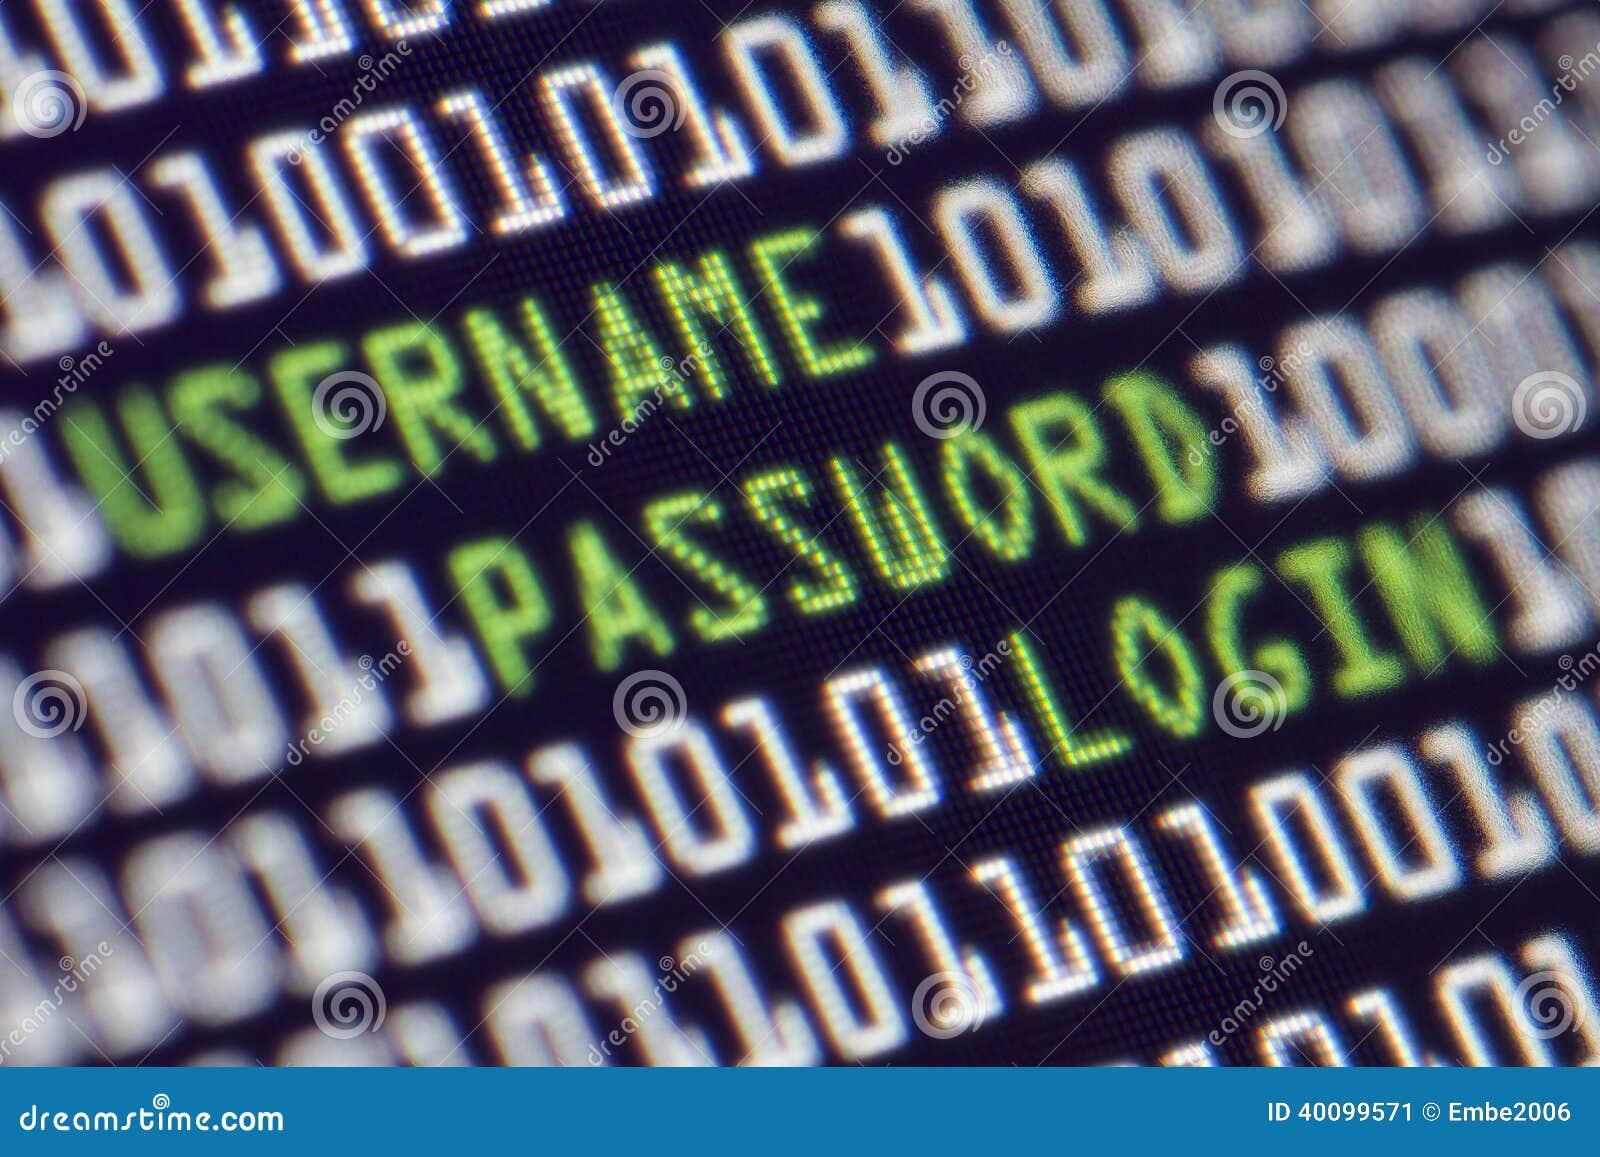 安全计算机密码